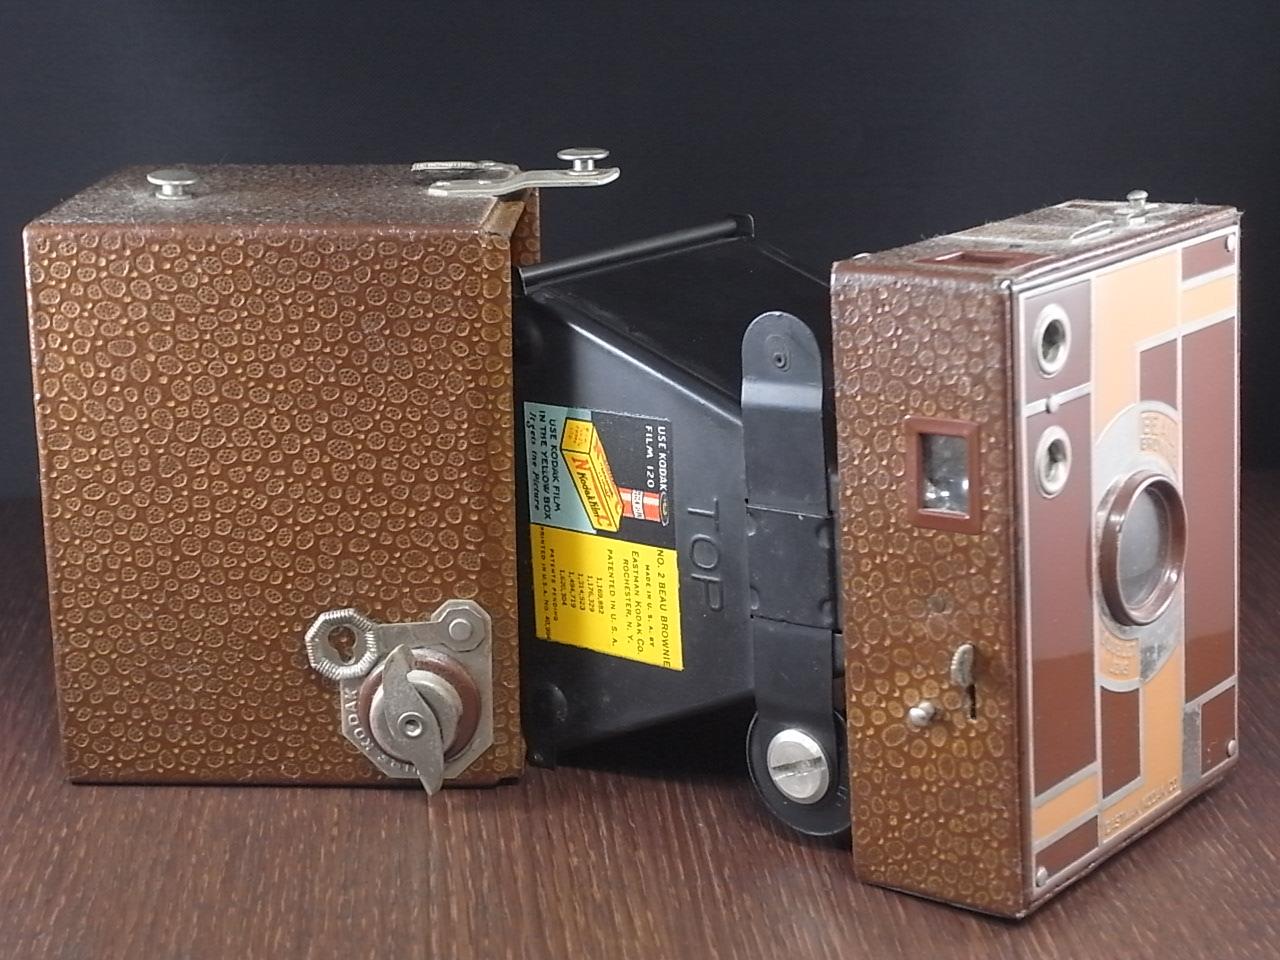 コダック No.2 ブローニー アールデコカメラ ブラウンの写真5枚目